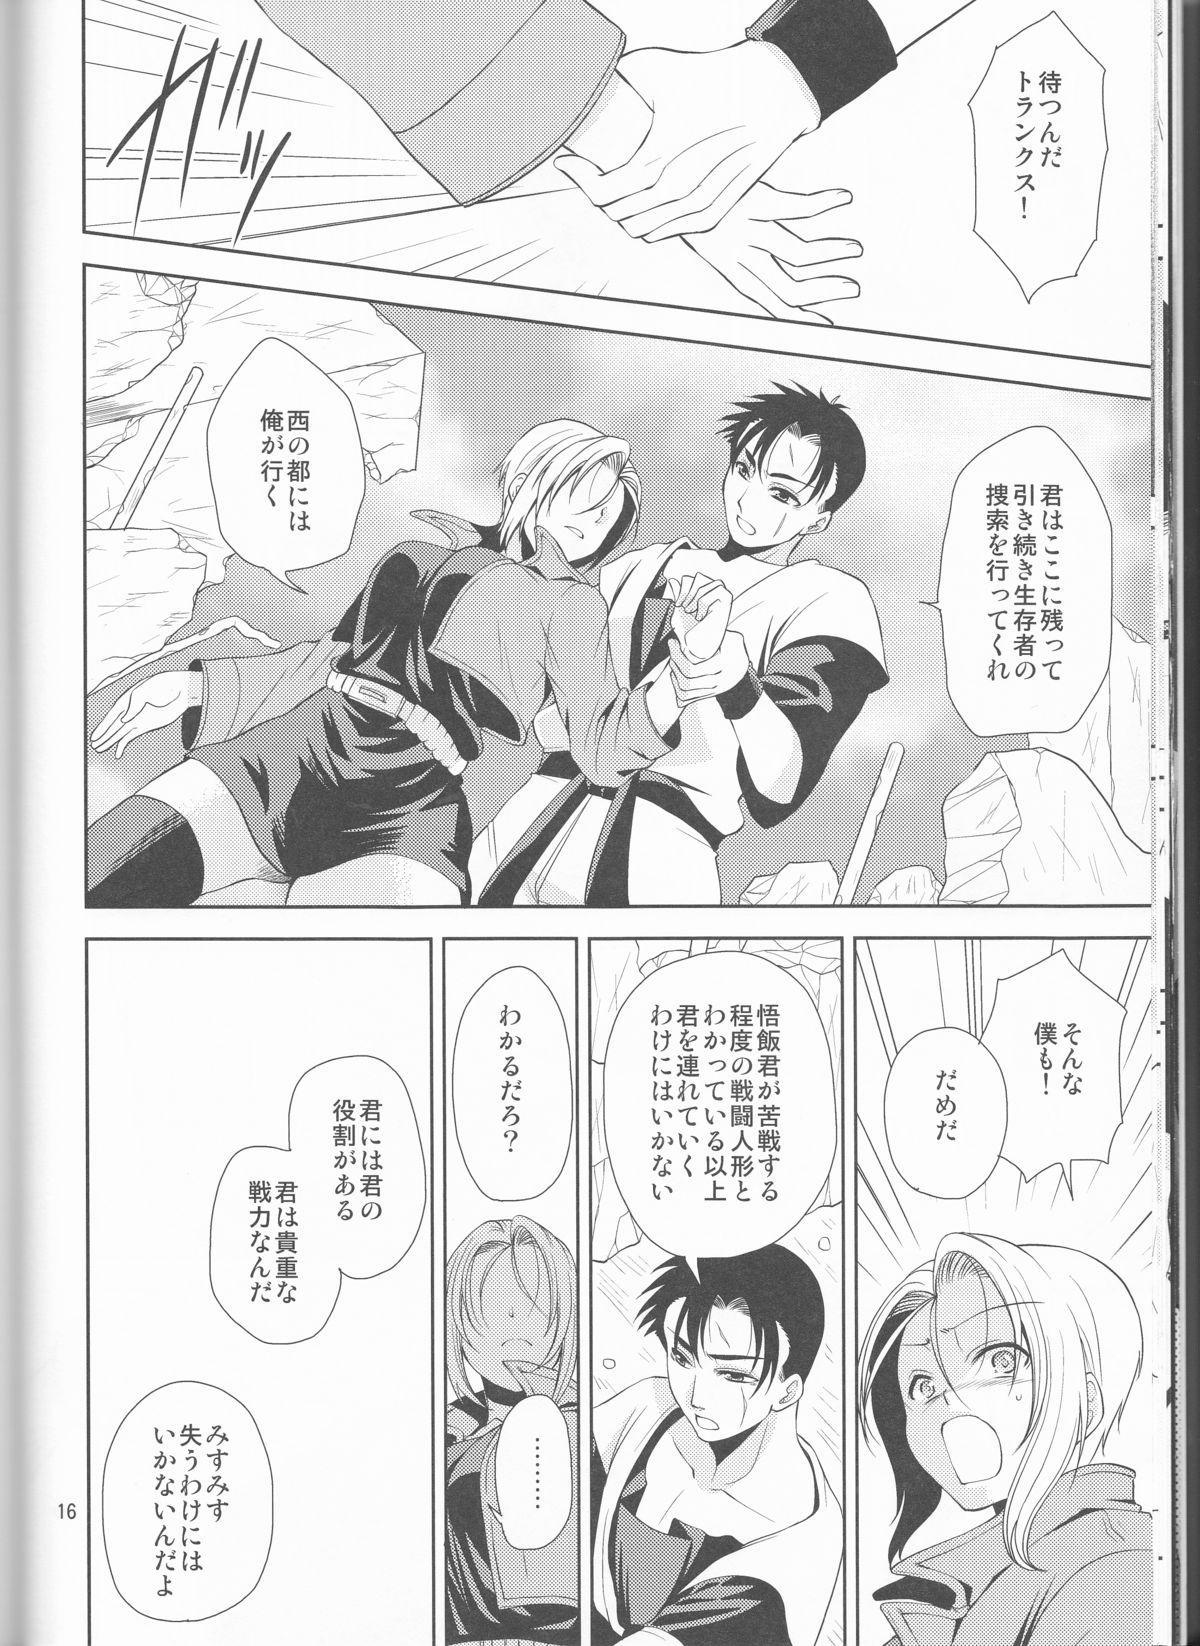 Soshite Boku wa Sono Suisen ni Miirareta. 15